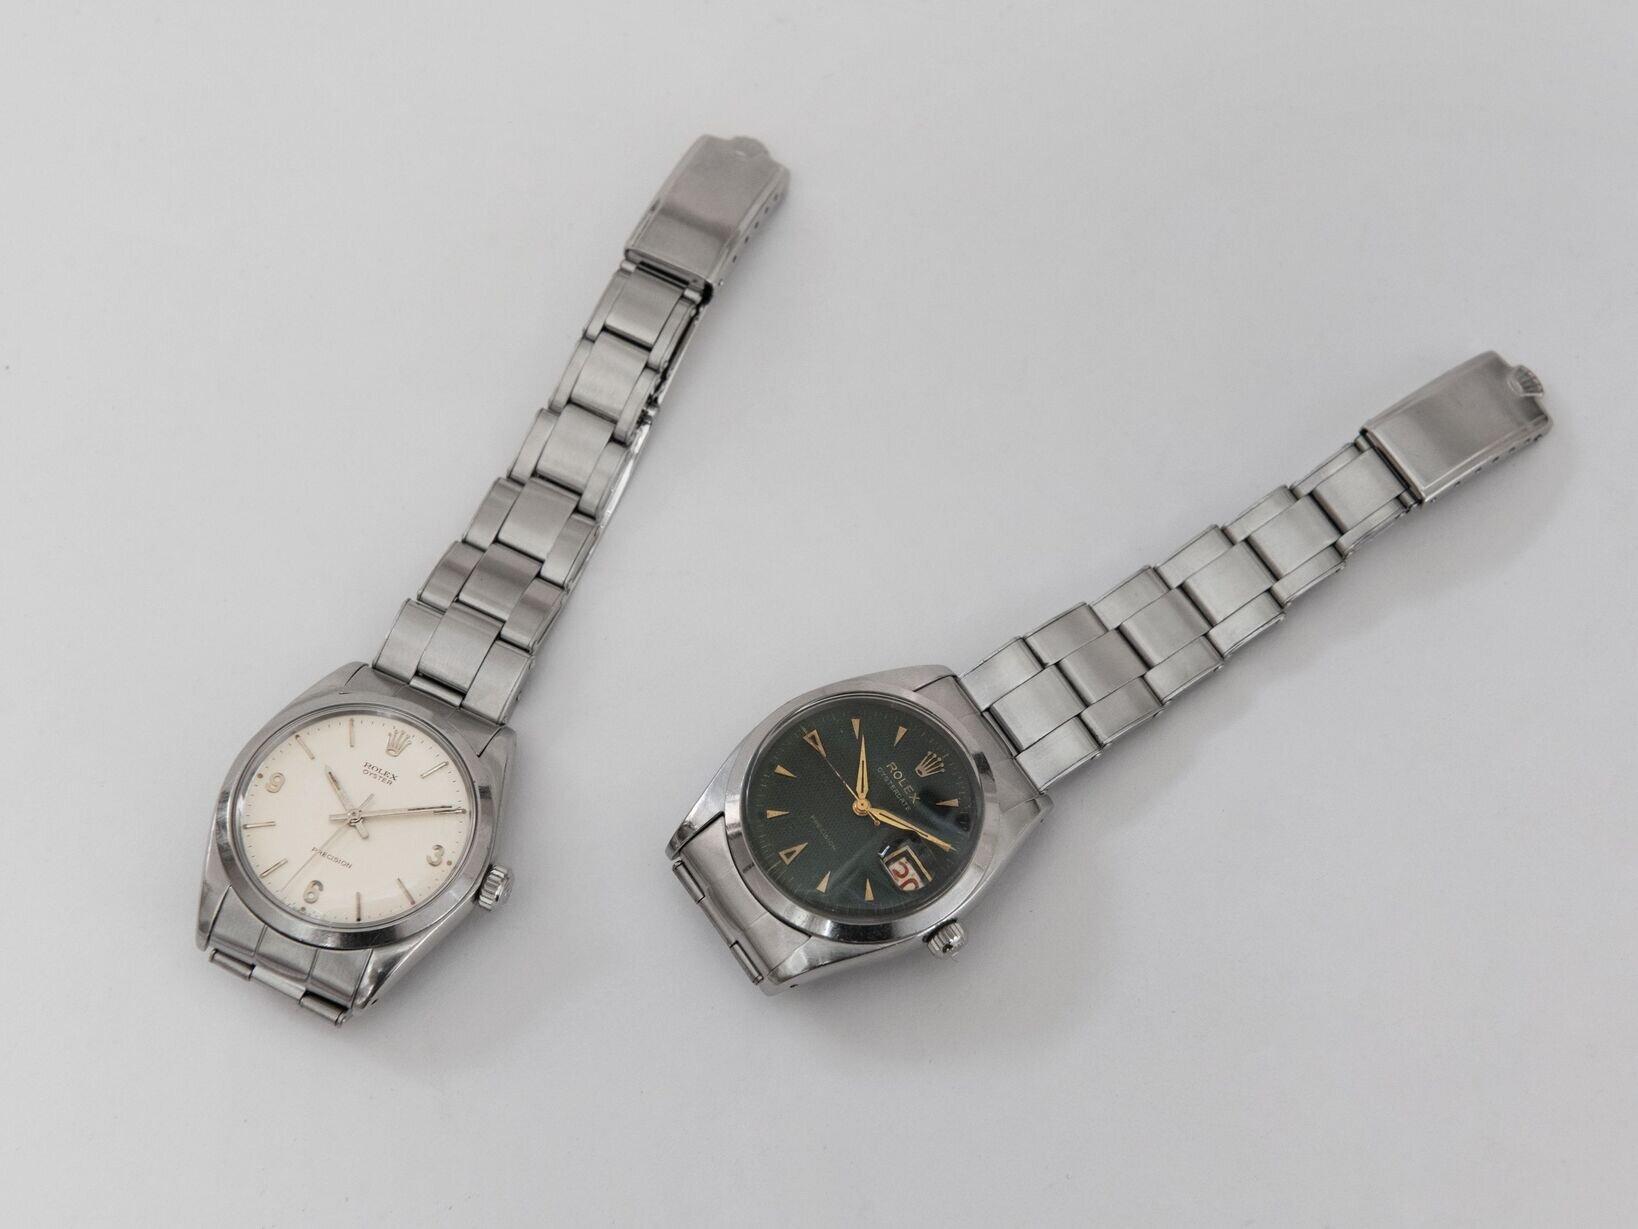 1969年製ロレックス  オイスター(左)、1954年製ロレックス オイスターデイト Ref.6494(右)。どちらの時計も文字盤からブレスレットにいたるまで、徹底してオリジナリティにこだわっている。